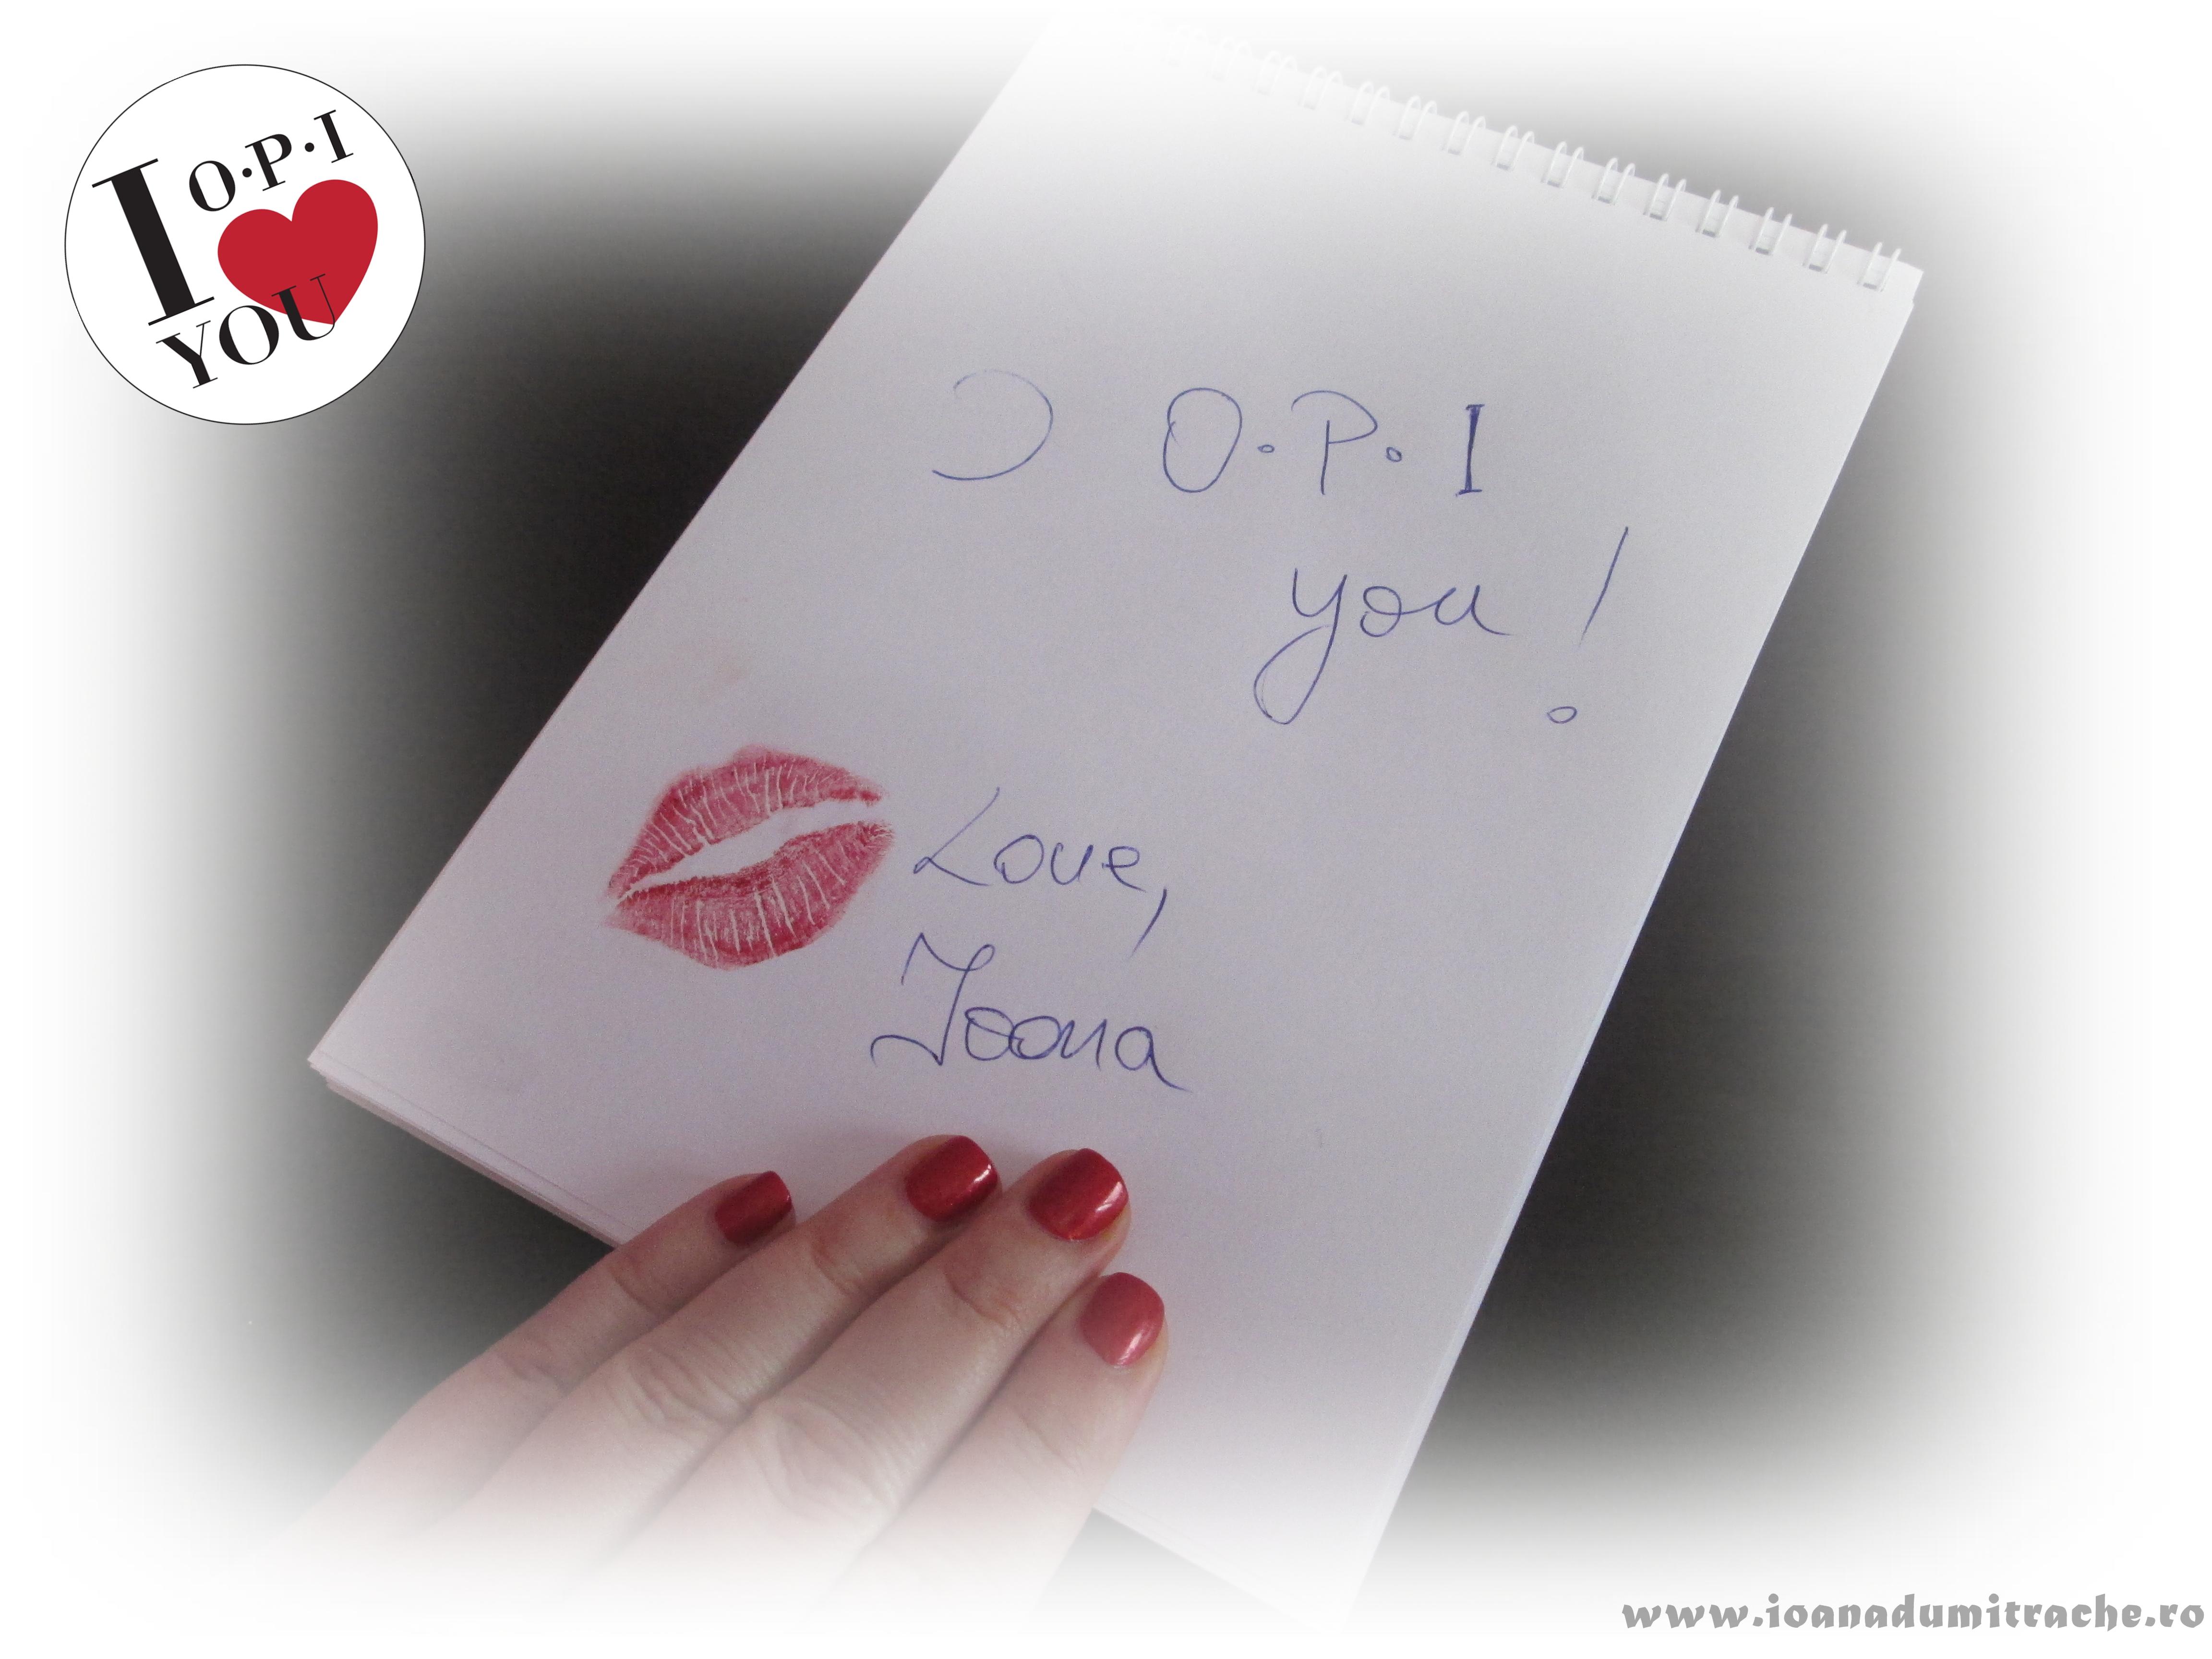 I OPI you 2